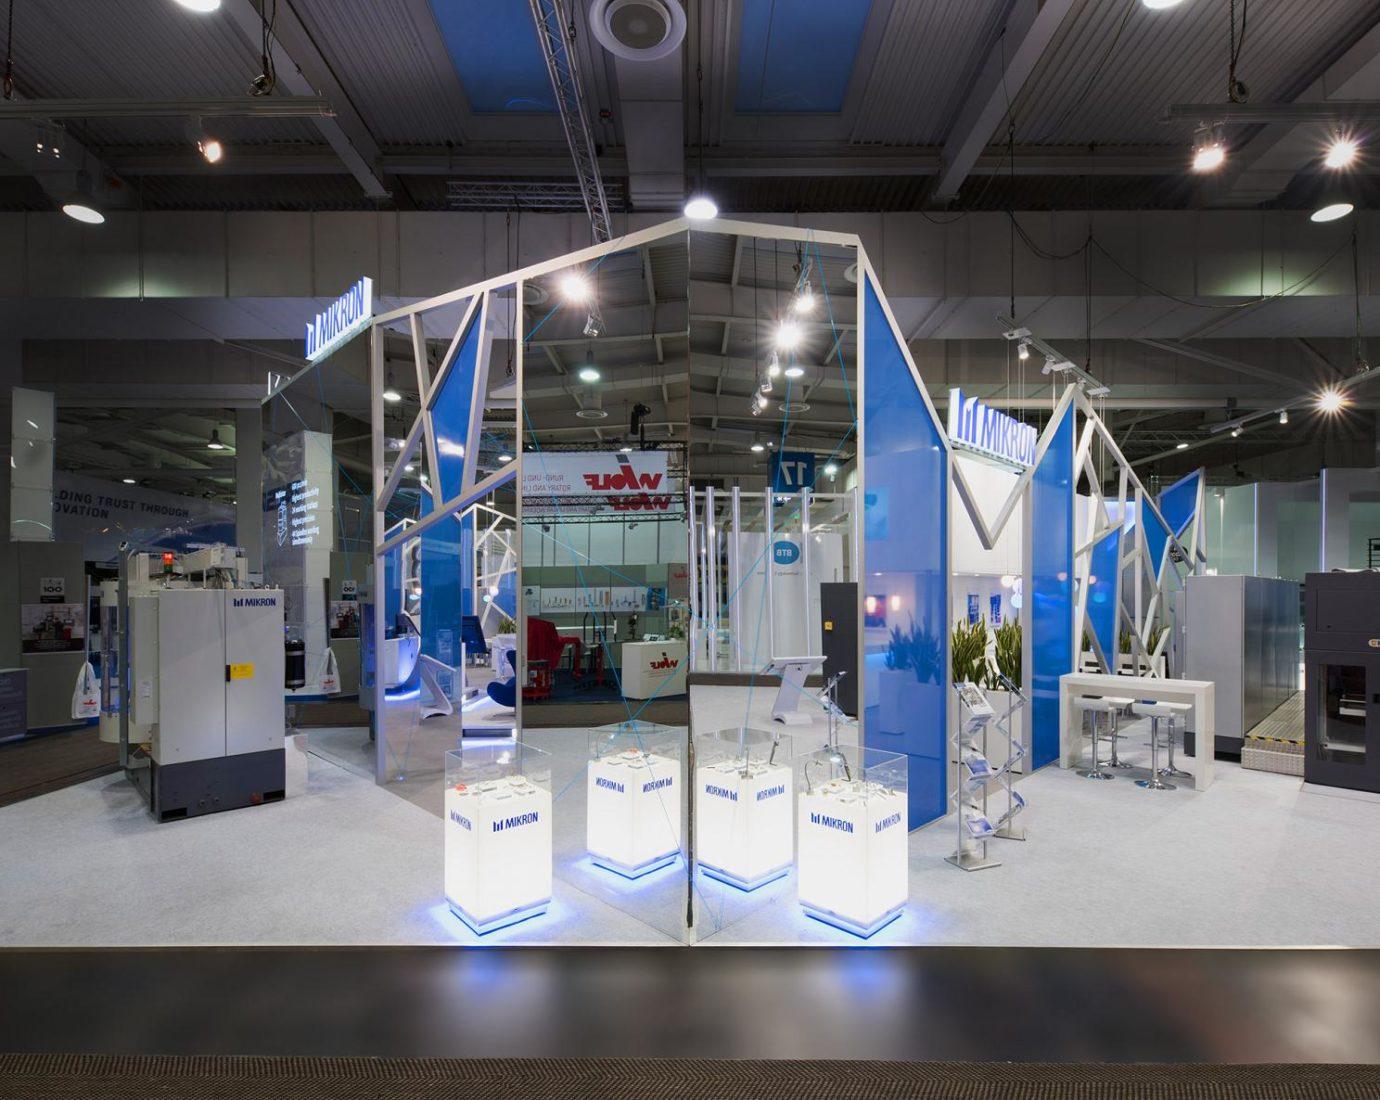 Messestand von DIMAH für Mikron –Inszenierung in weiß und blau